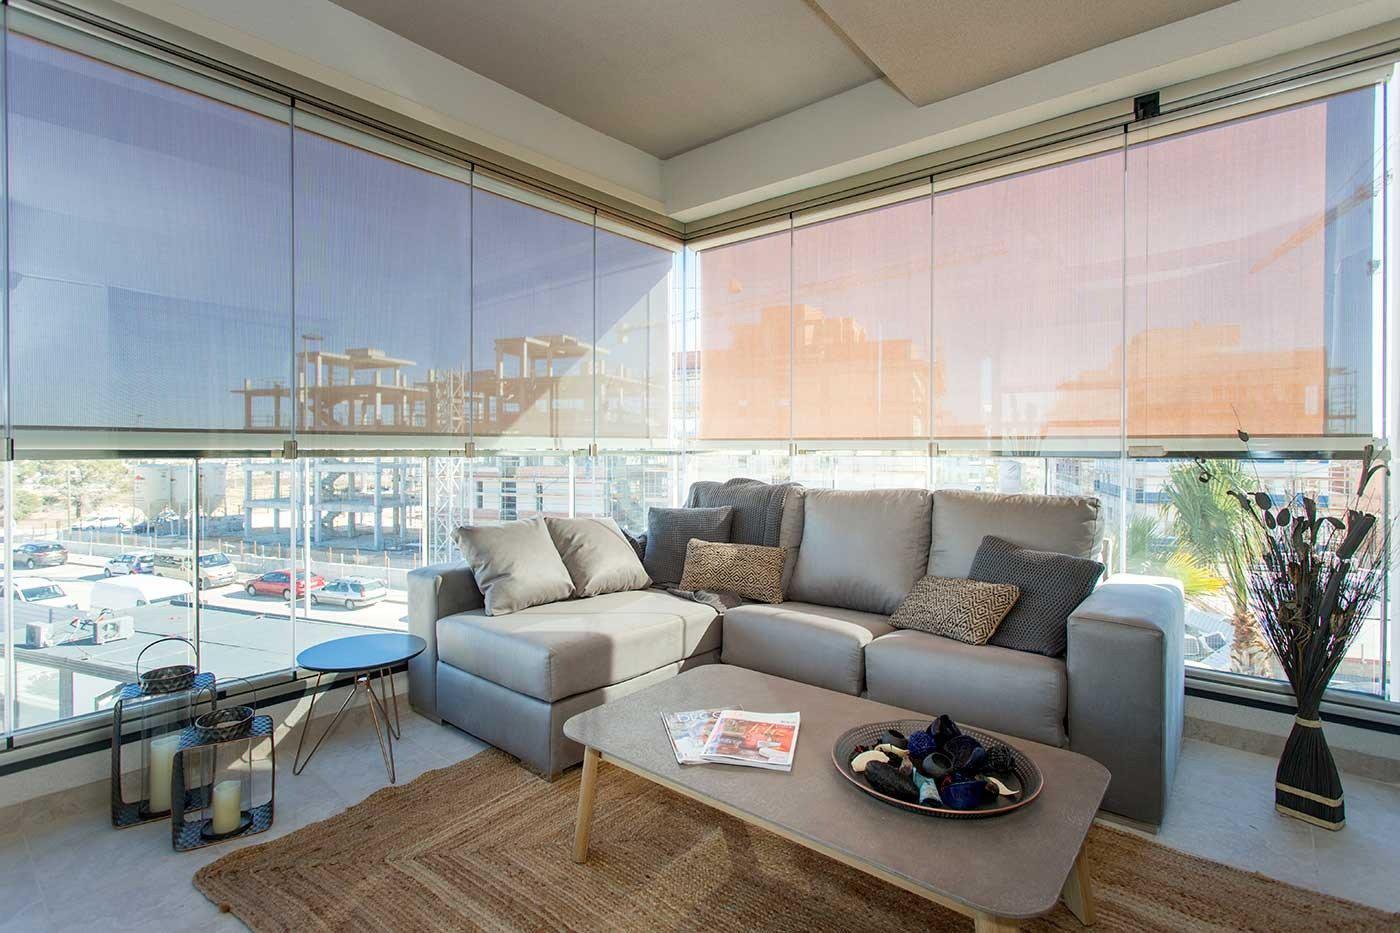 Complejo de estilo moderno con apartamentos de 2,3 dormitorios y 2 baños con amplias terra - imagenInmueble24